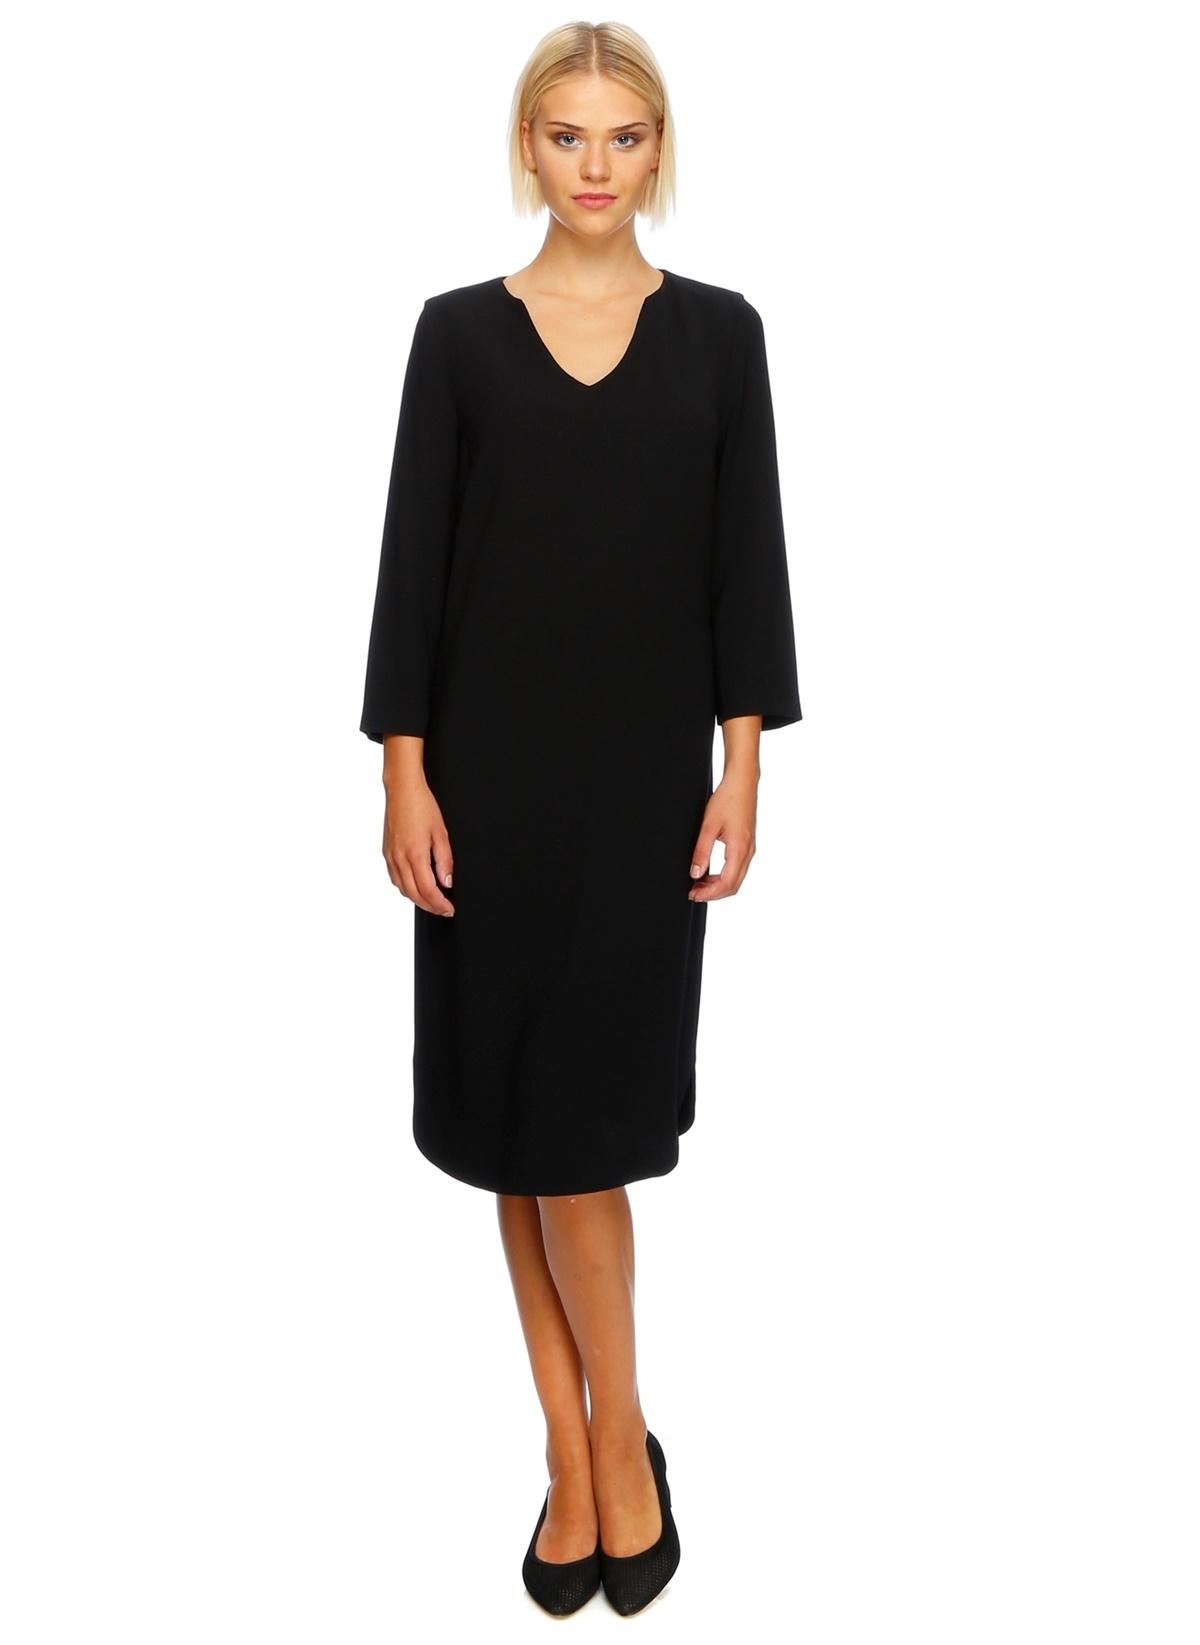 House Of Camellia Uzun Kollu Düz Elbise 72ısı 101lbd Hc Elbise Sıyah – 79.99 TL